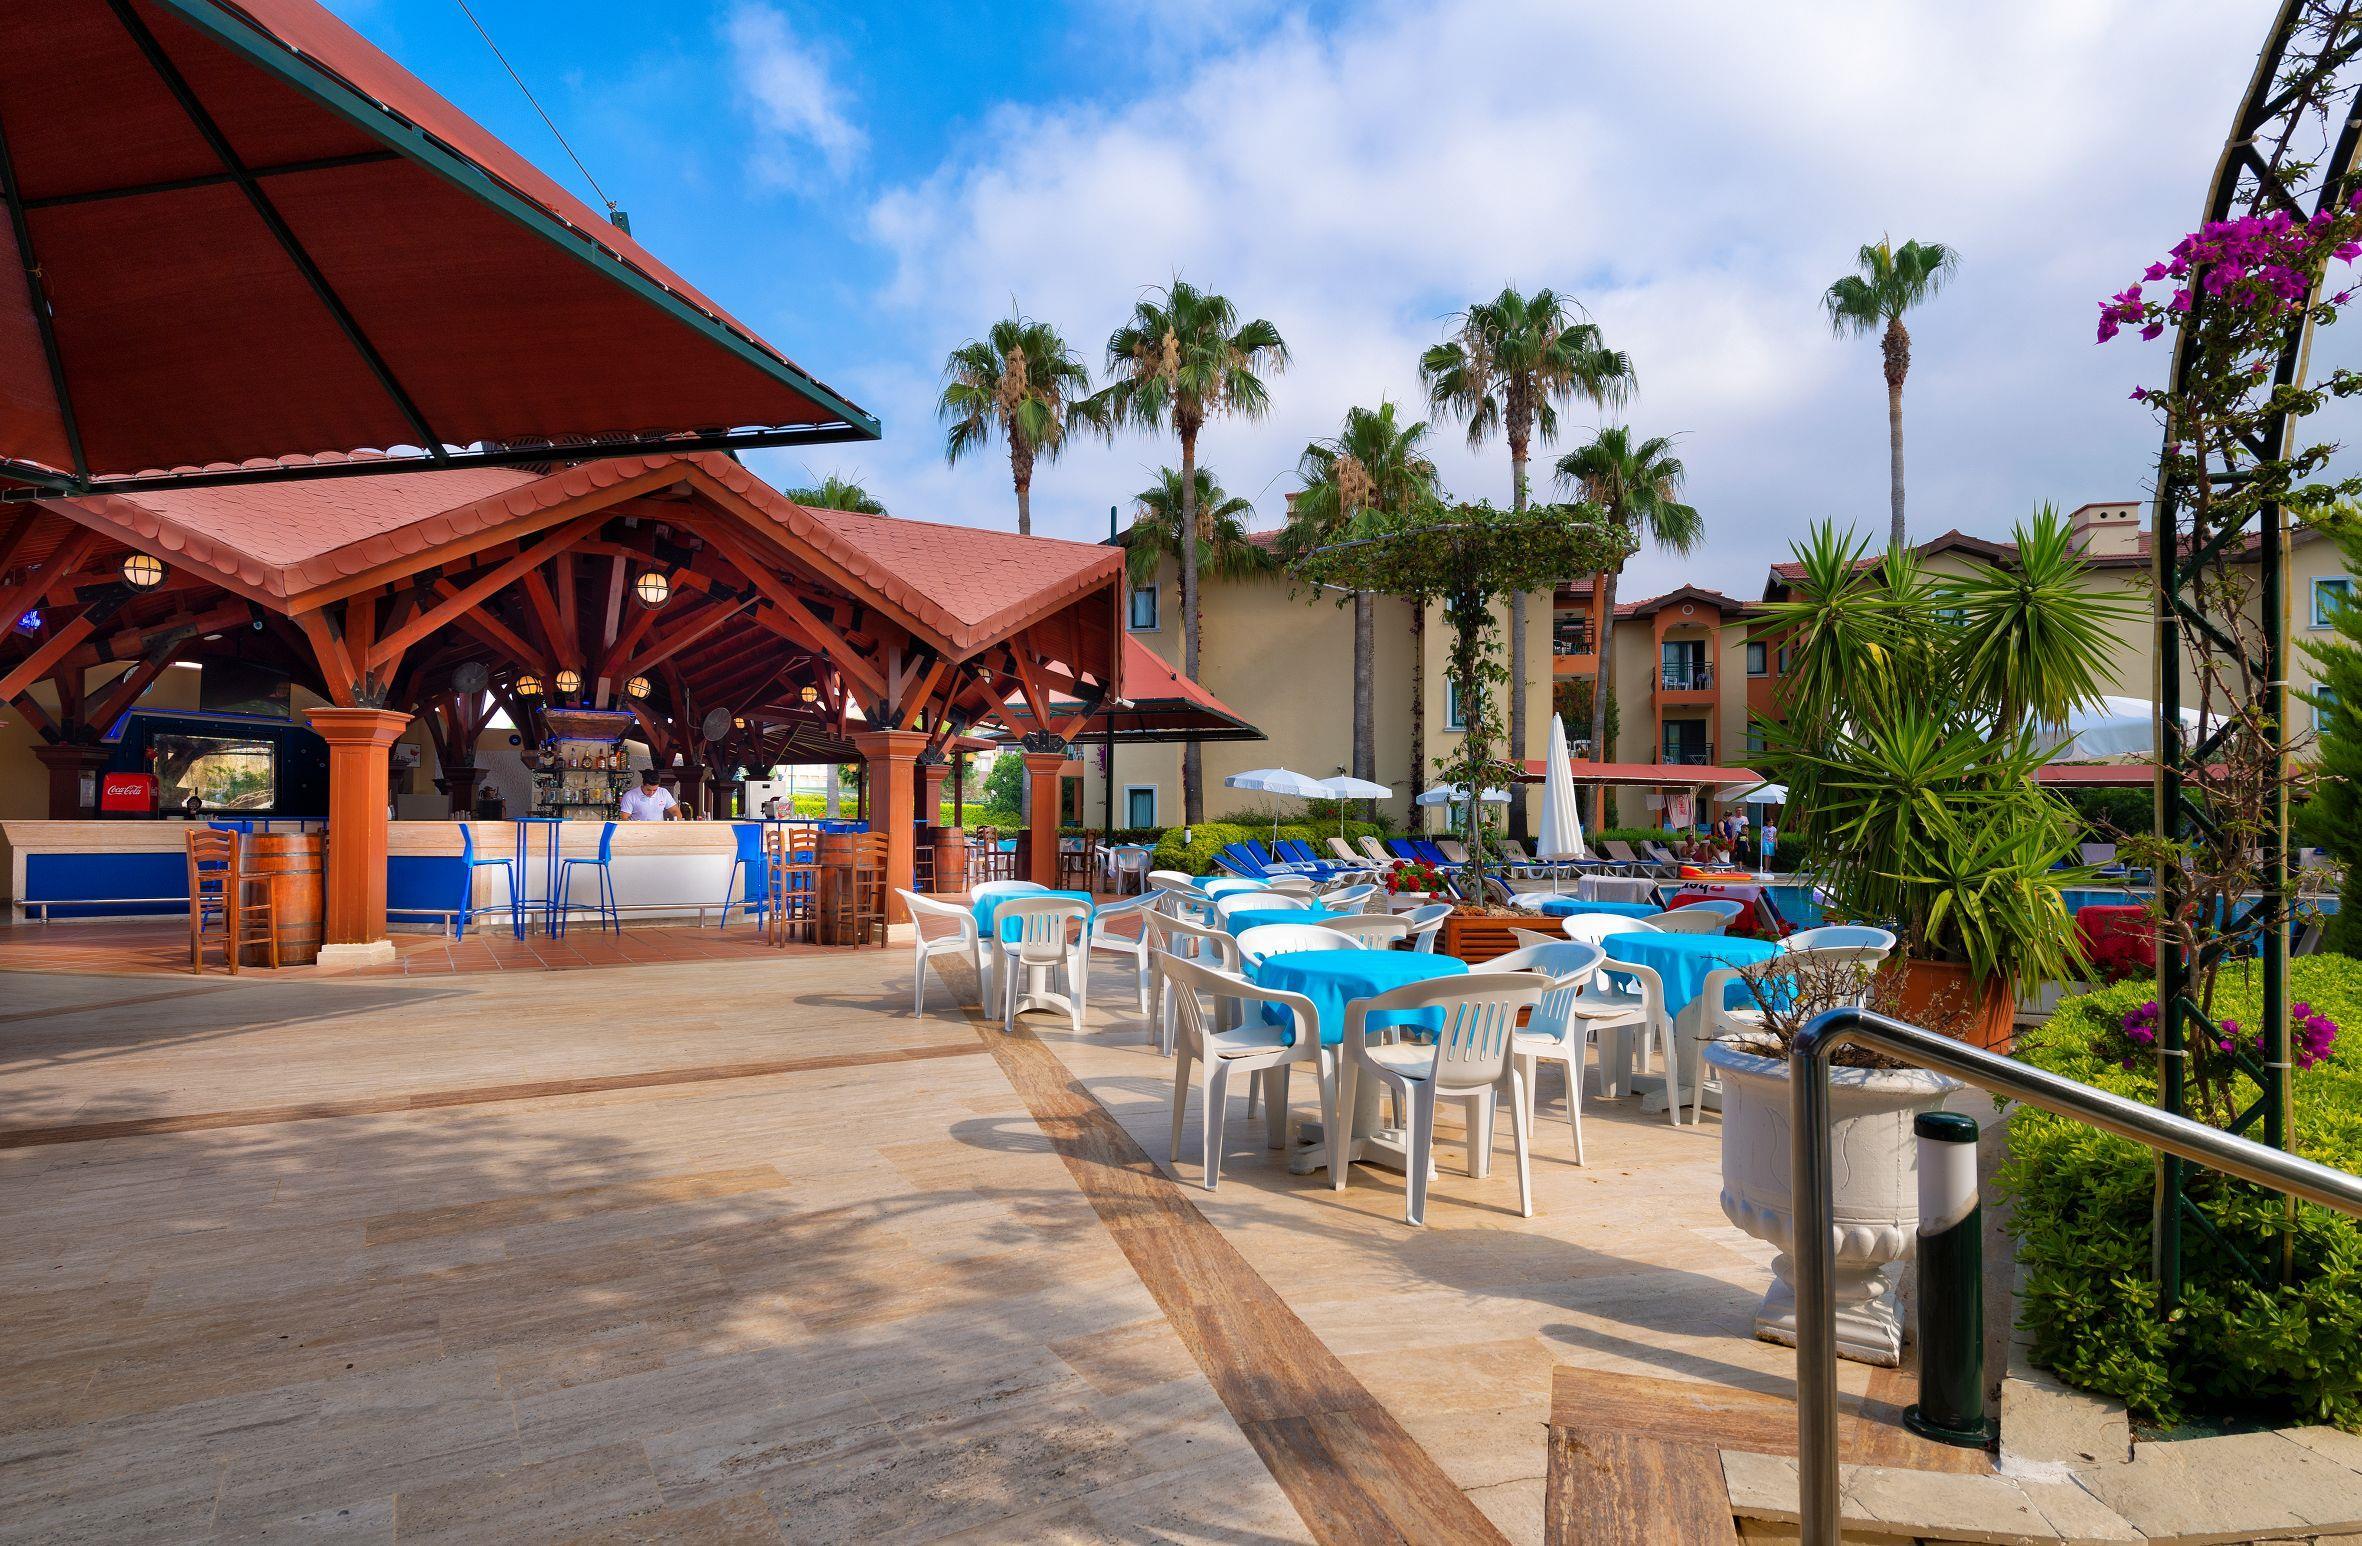 http://www.orextravel.sk/OREX/hotelphotos/miramare-queen-hotel-general-0058.jpg